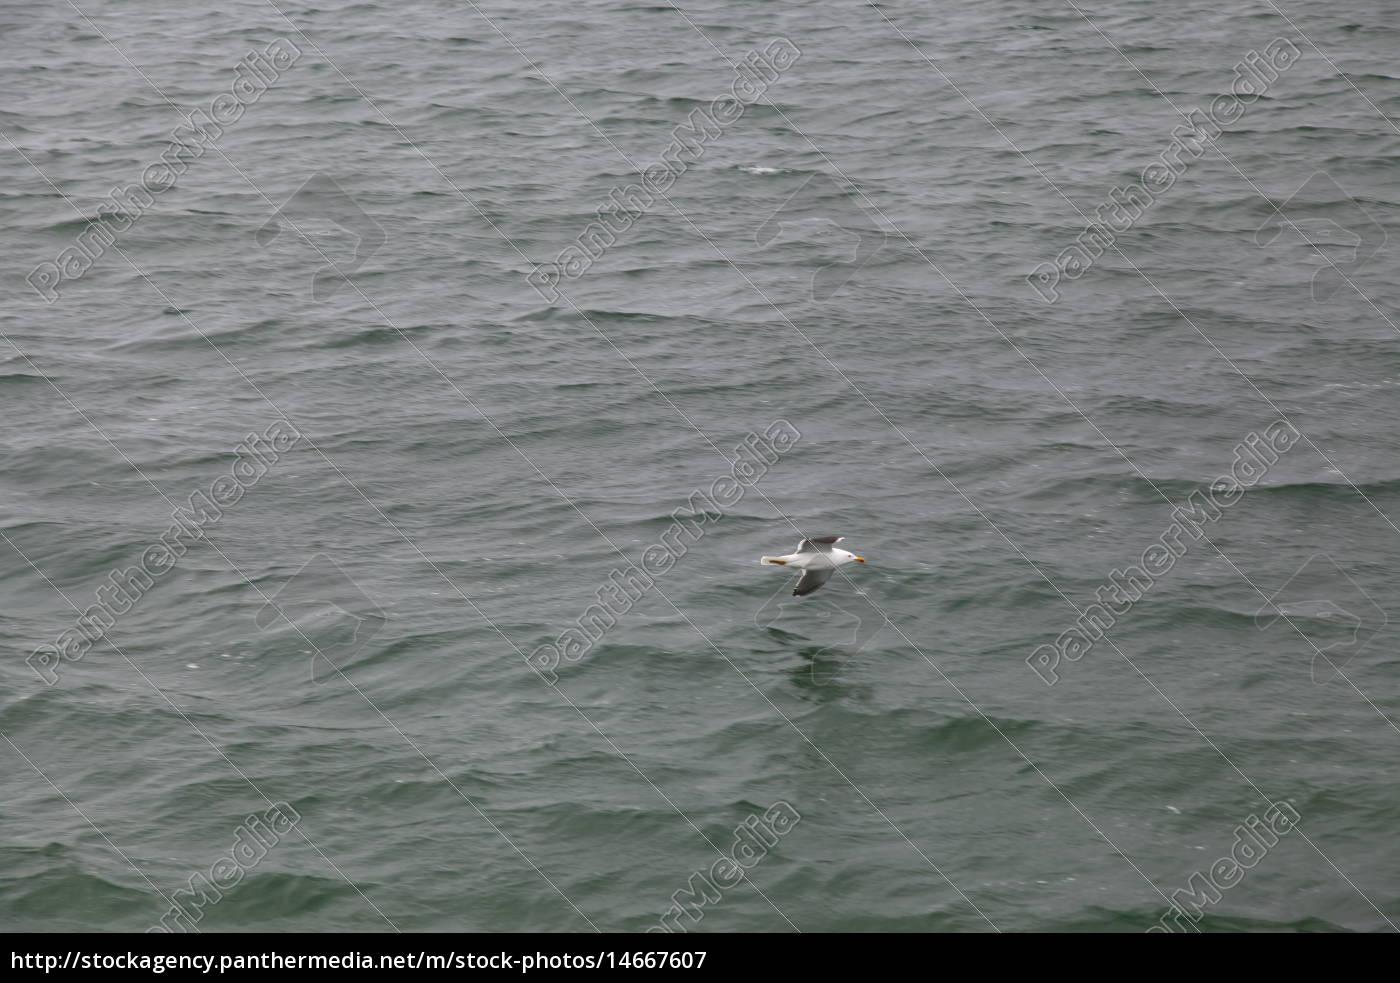 Helgoland, Möwe, Vogel, Wasser, Nordsee, Tier - 14667607